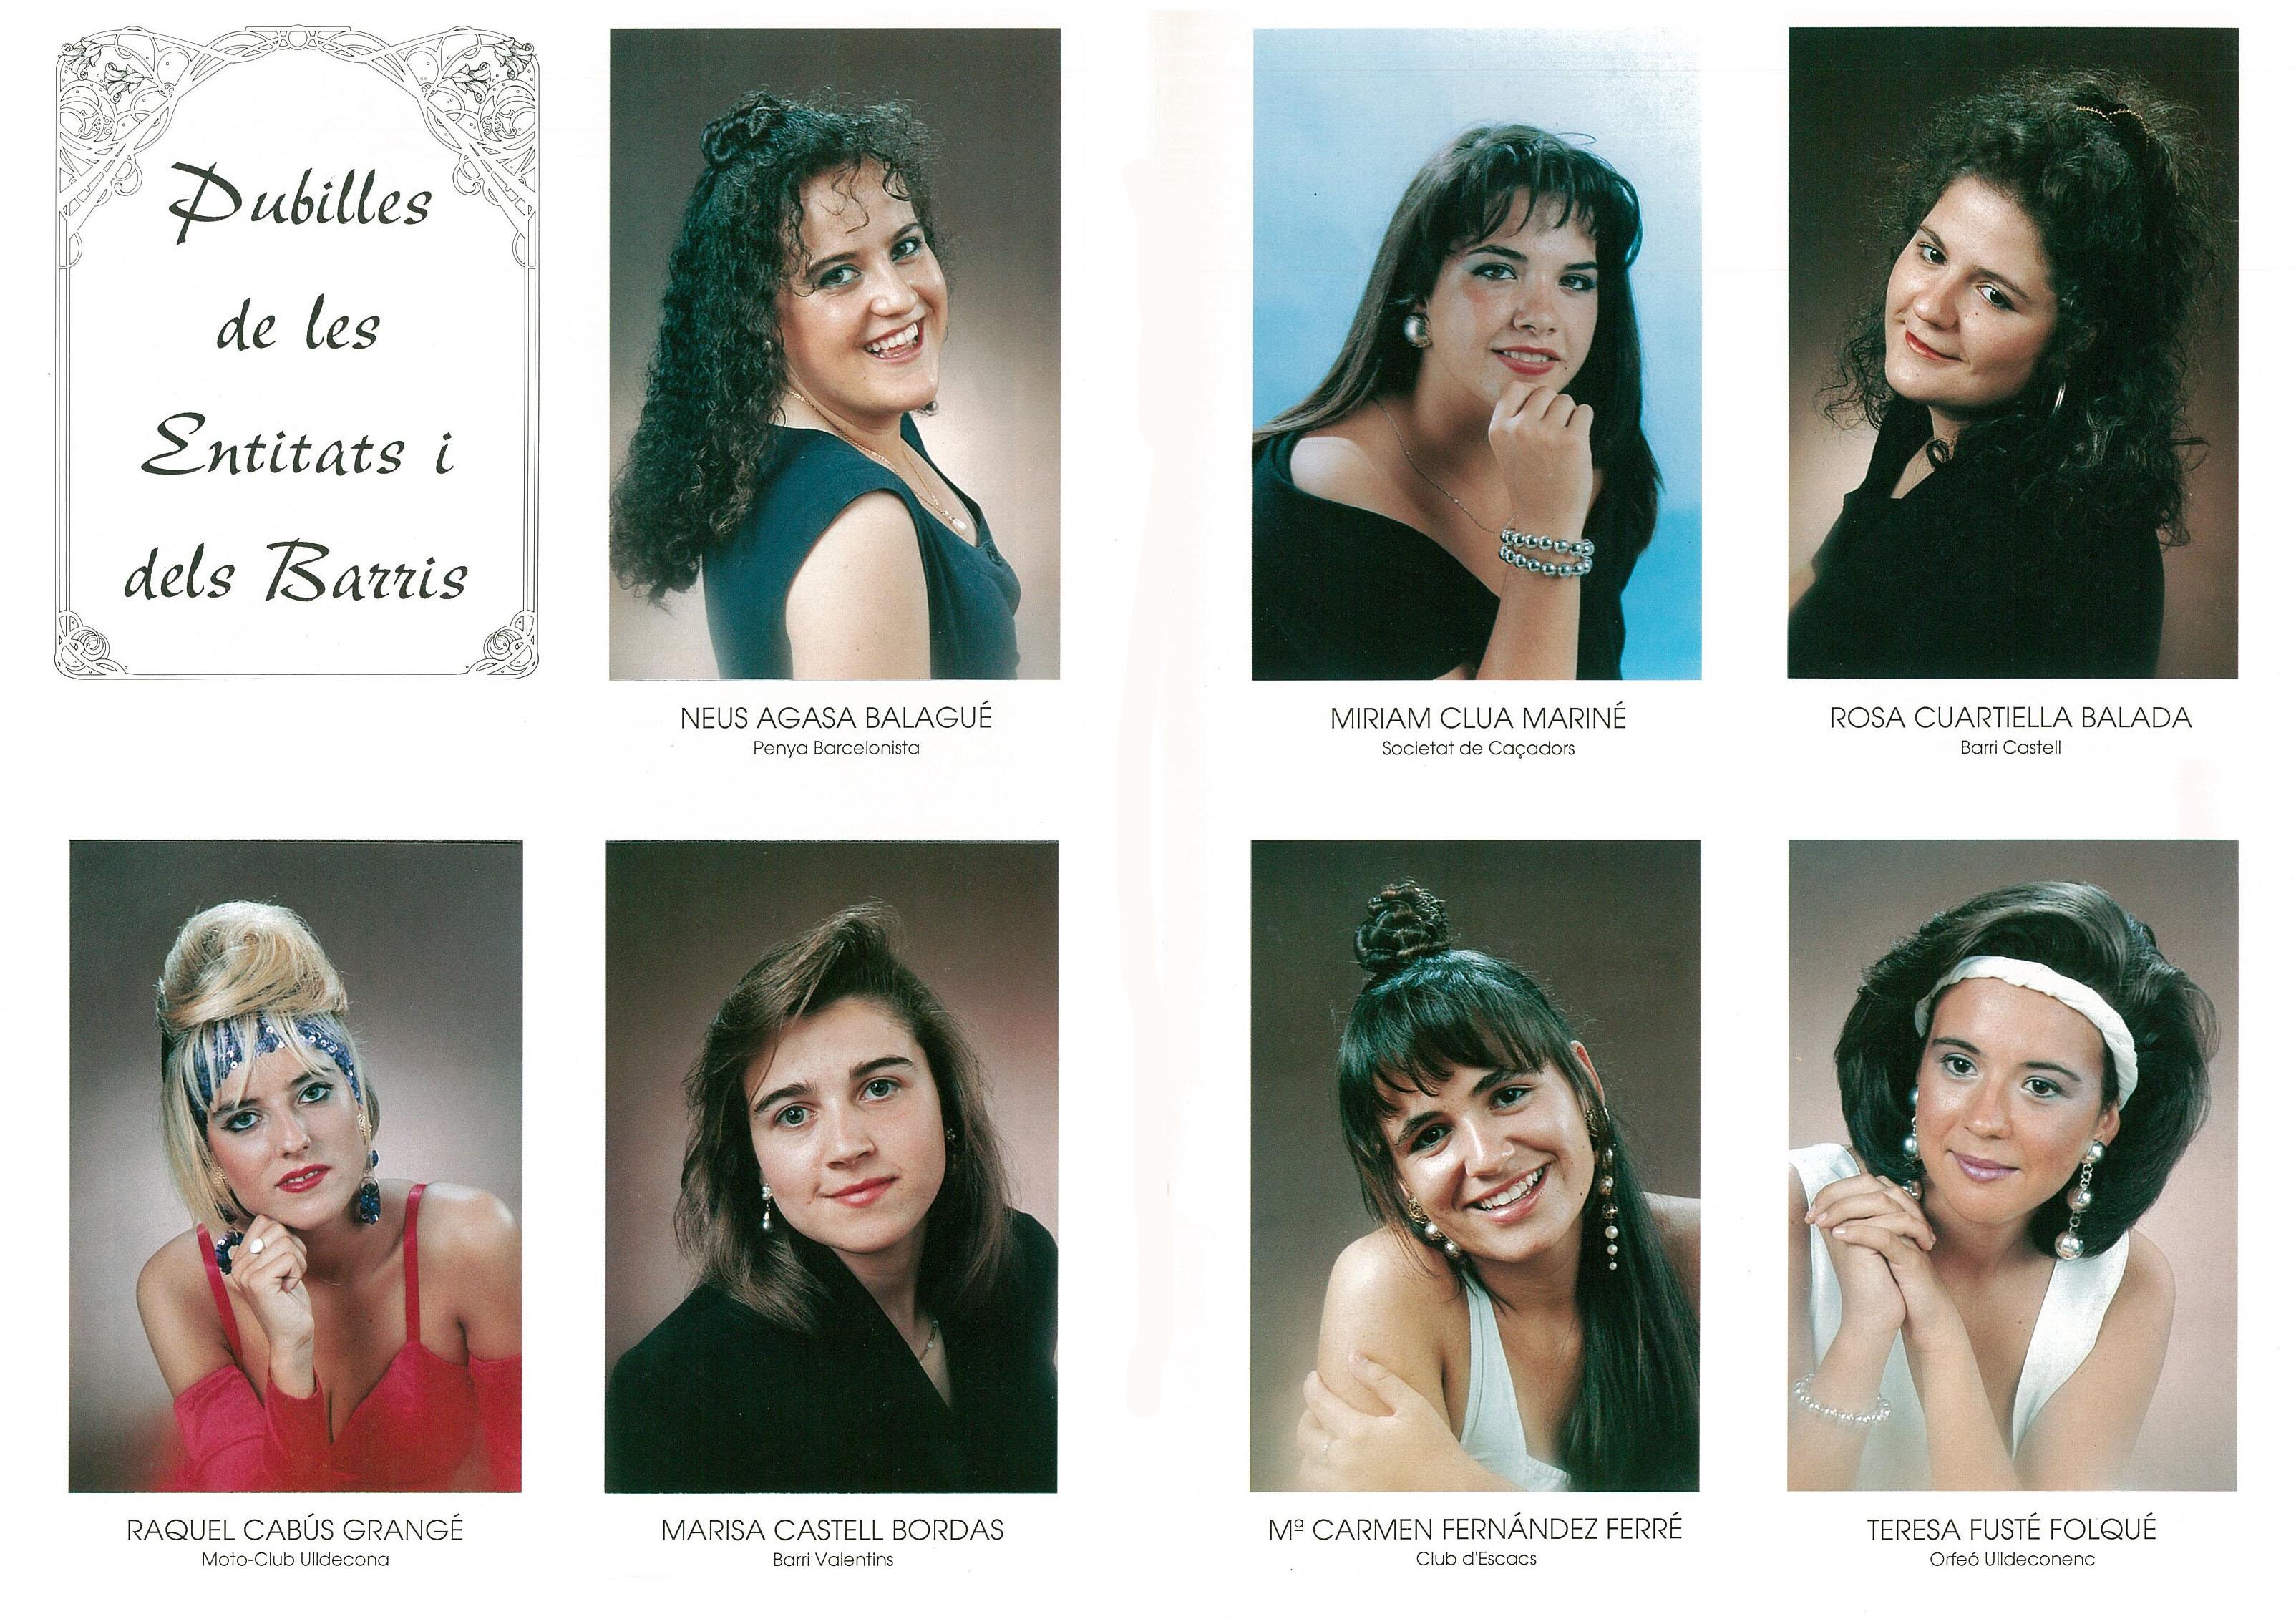 Pubilles-1991-02